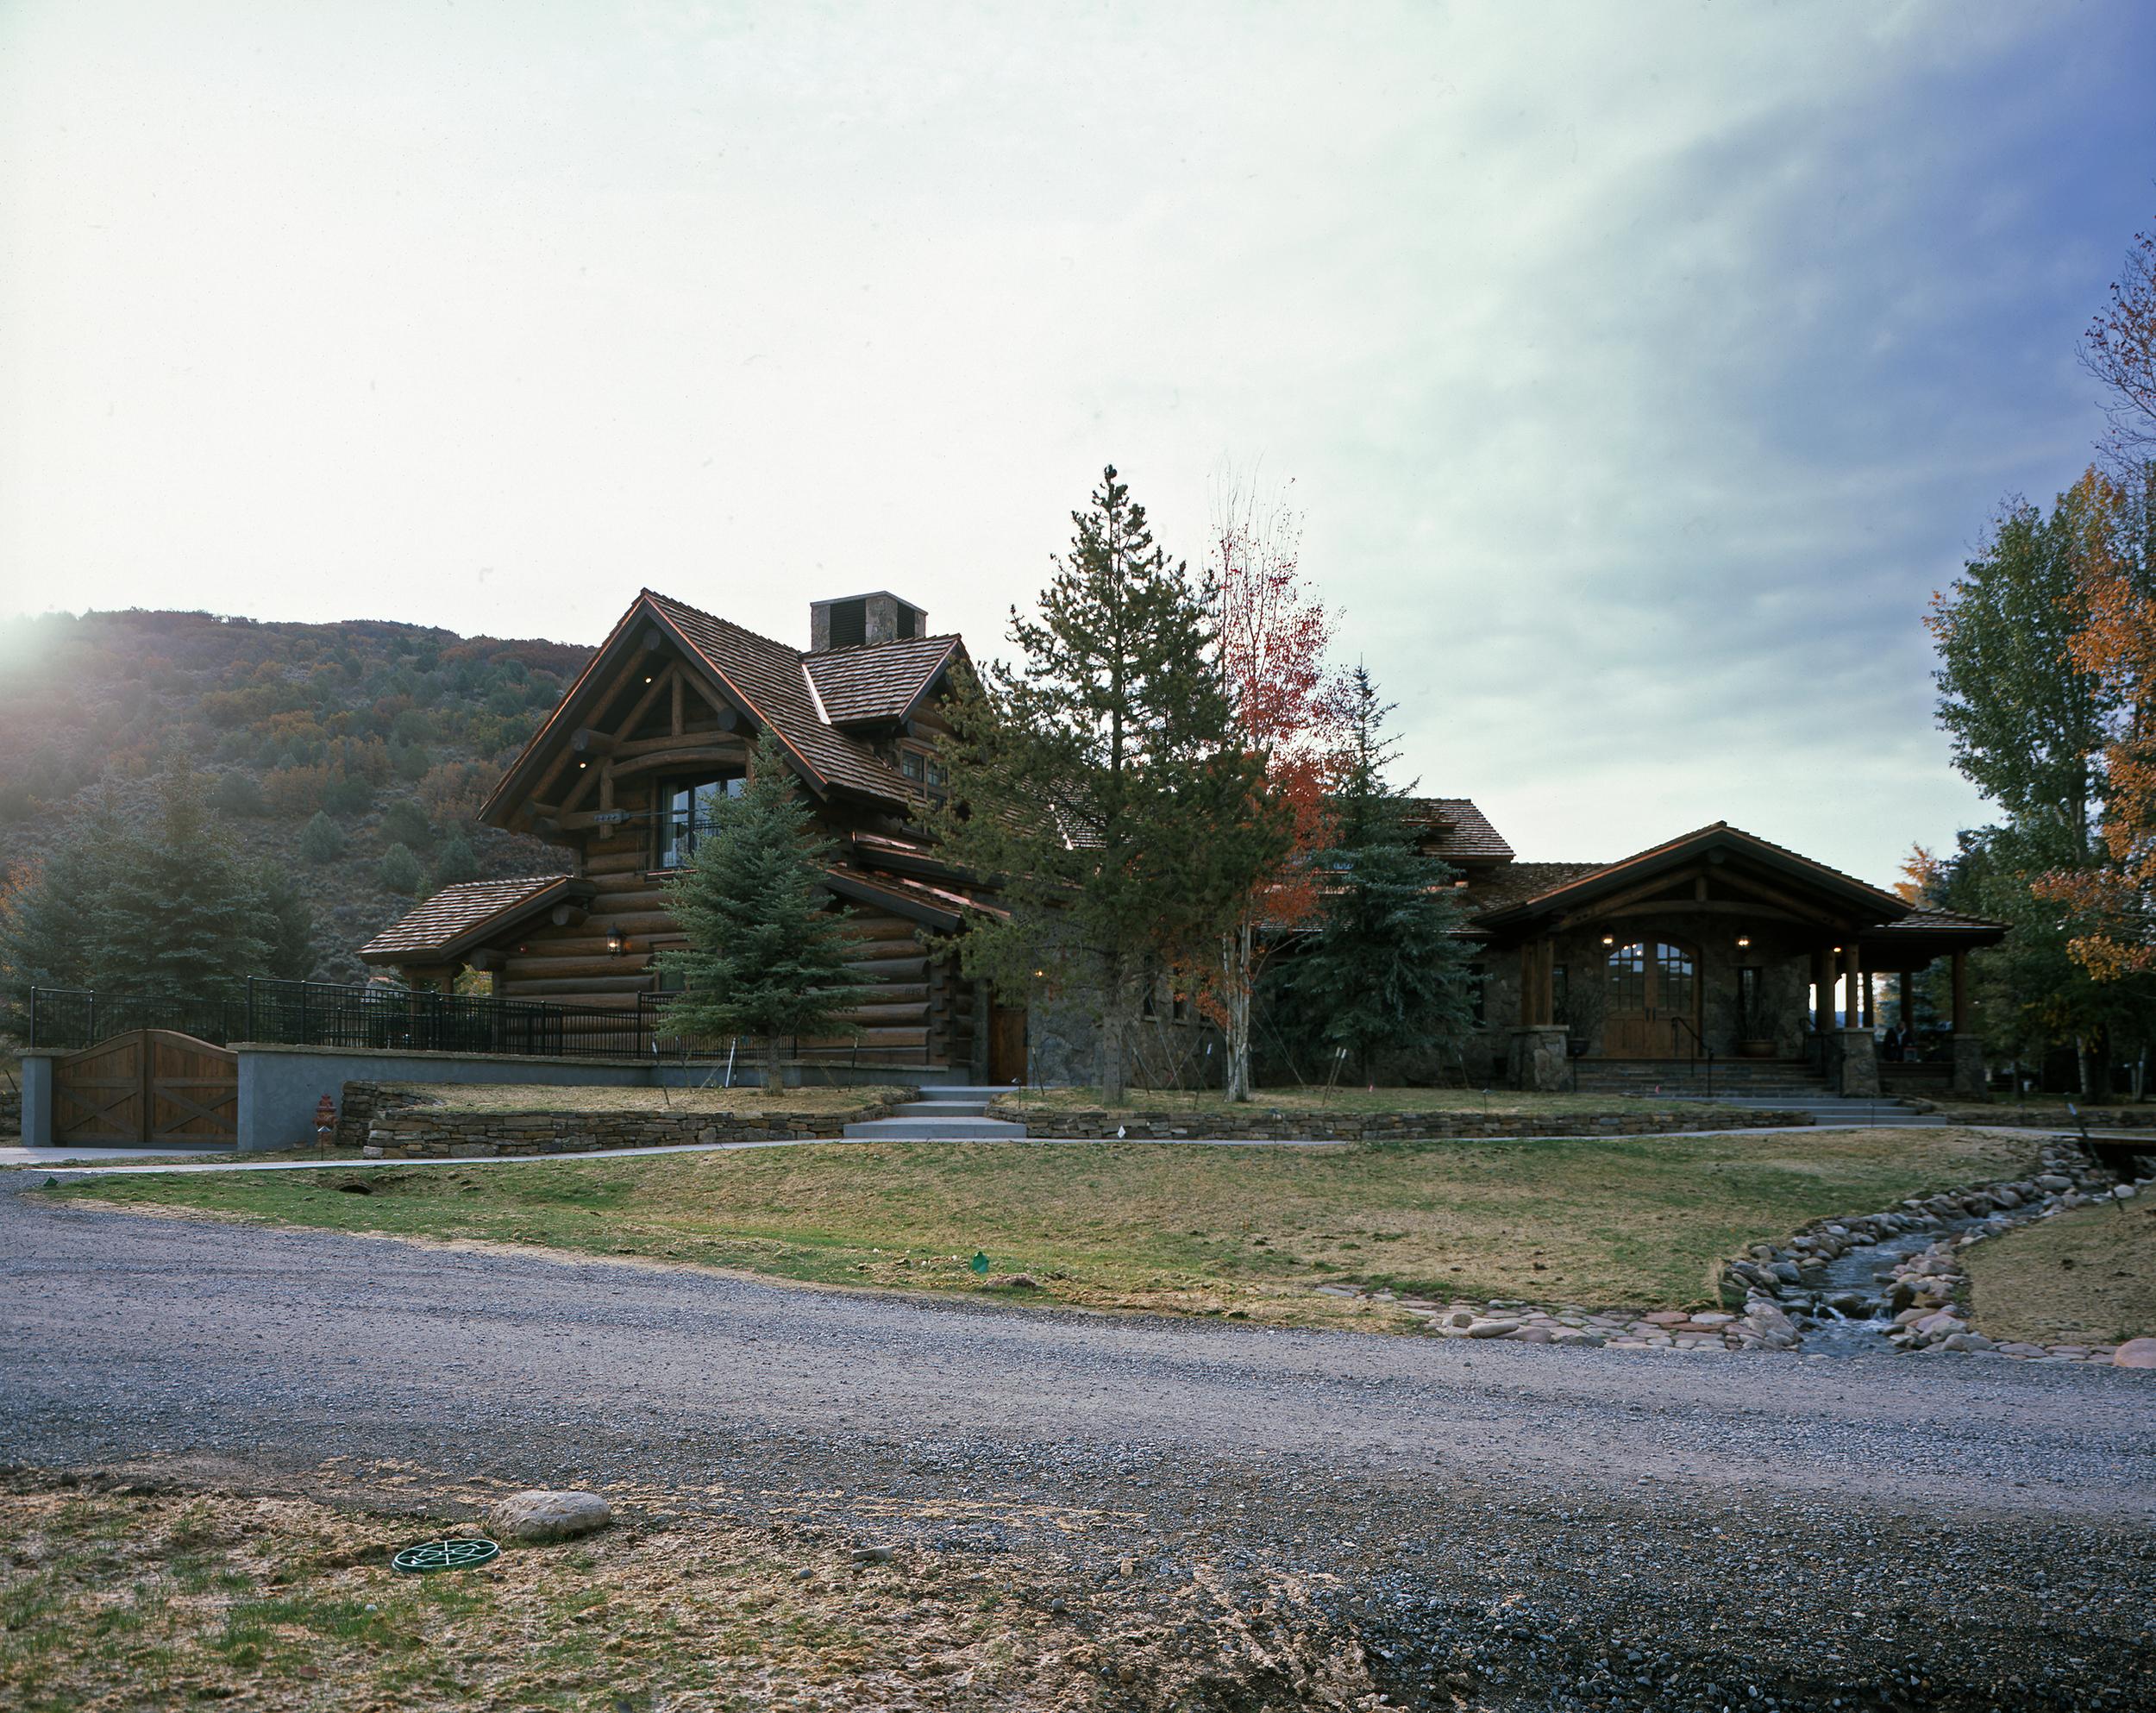 elk_creek_ranch_meeker_colorado_pine_trees.jpg